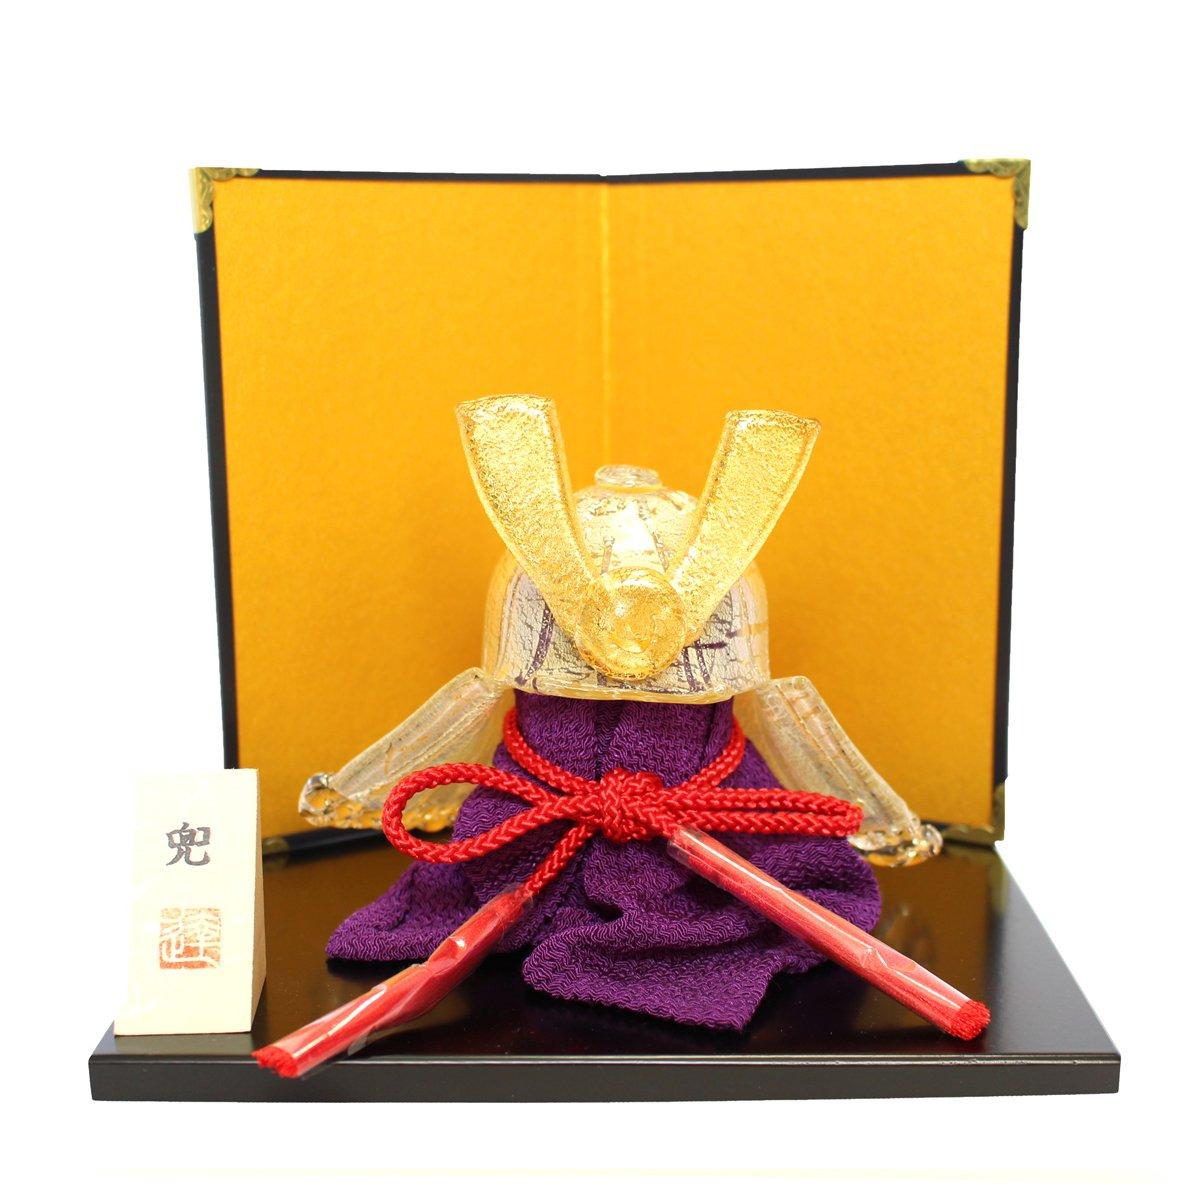 ガラスの兜 金兜(金銀) glass calico グラスキャリコ ハンドメイド ガラスアート 5月 端午の節句 五月人形 兜飾り オブジェ 室内 インテリア お祝い ギフト B06Y44CBQQ